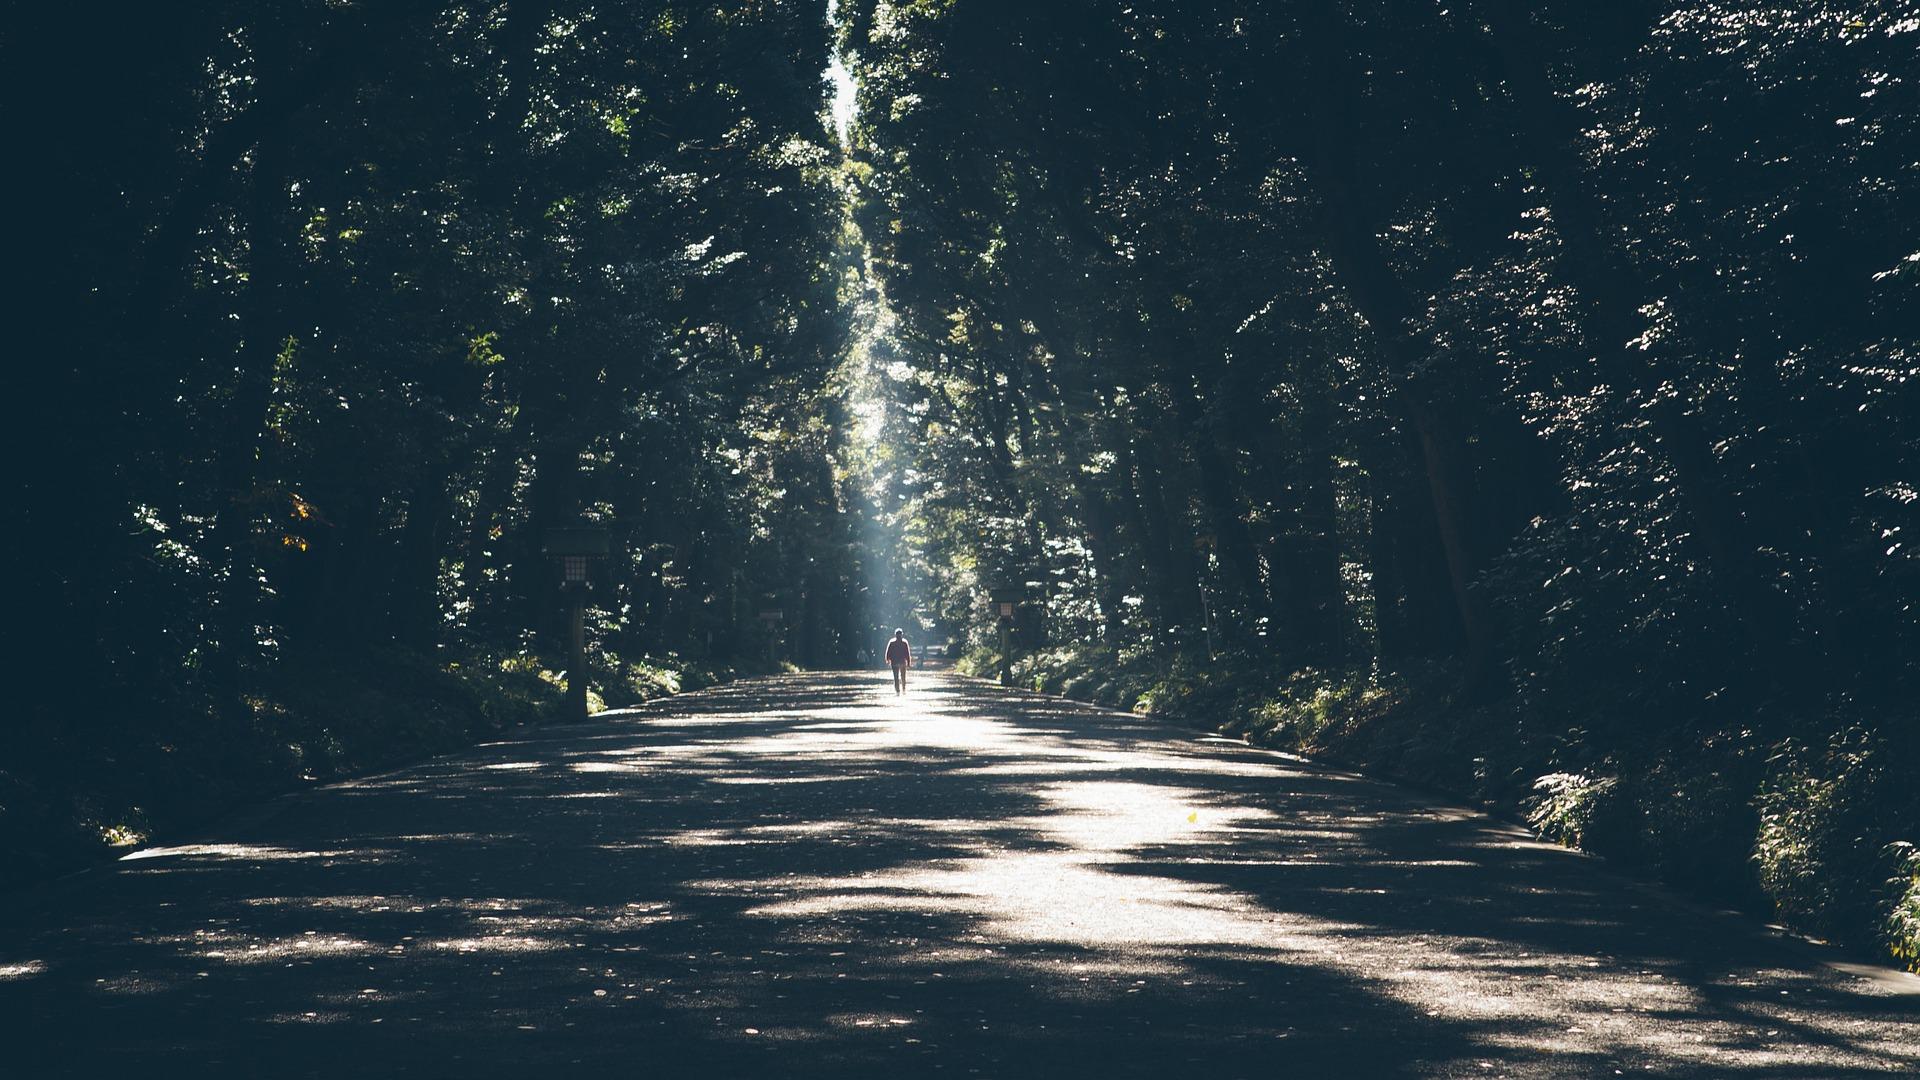 Zwischen Einsamkeit und Glück. Alleine in der großen, weiten Welt